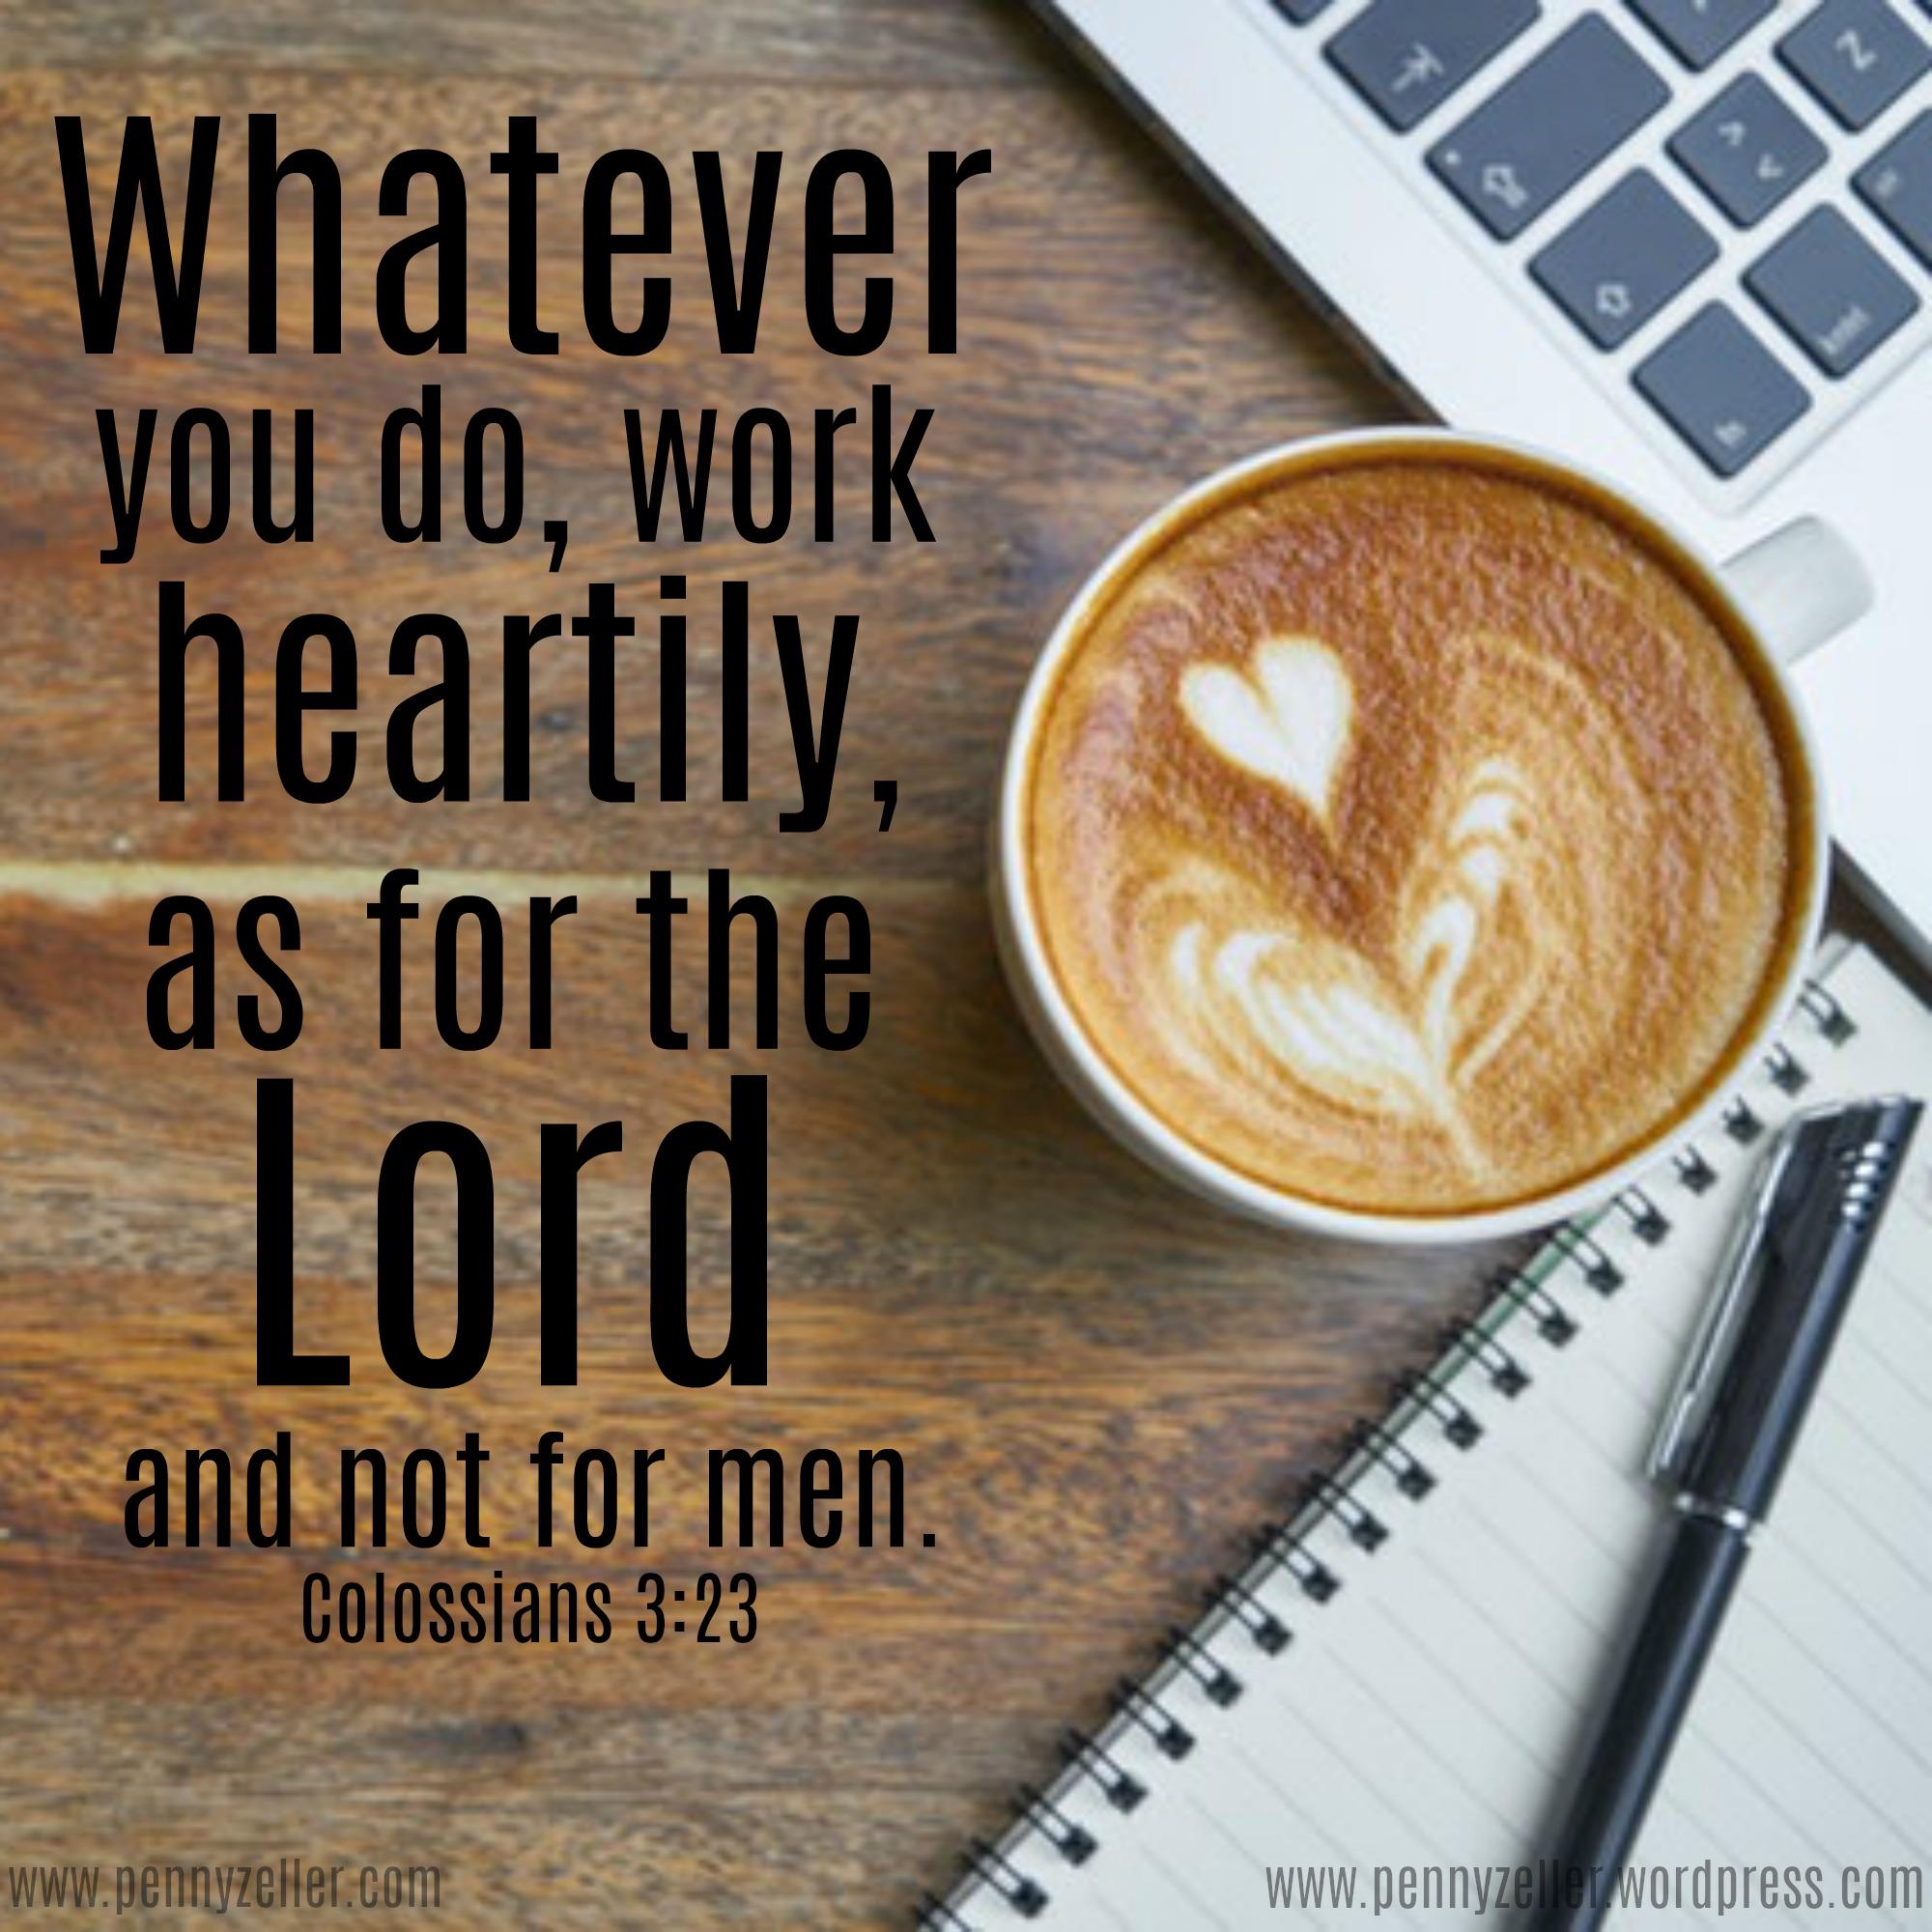 Colossians 3 23